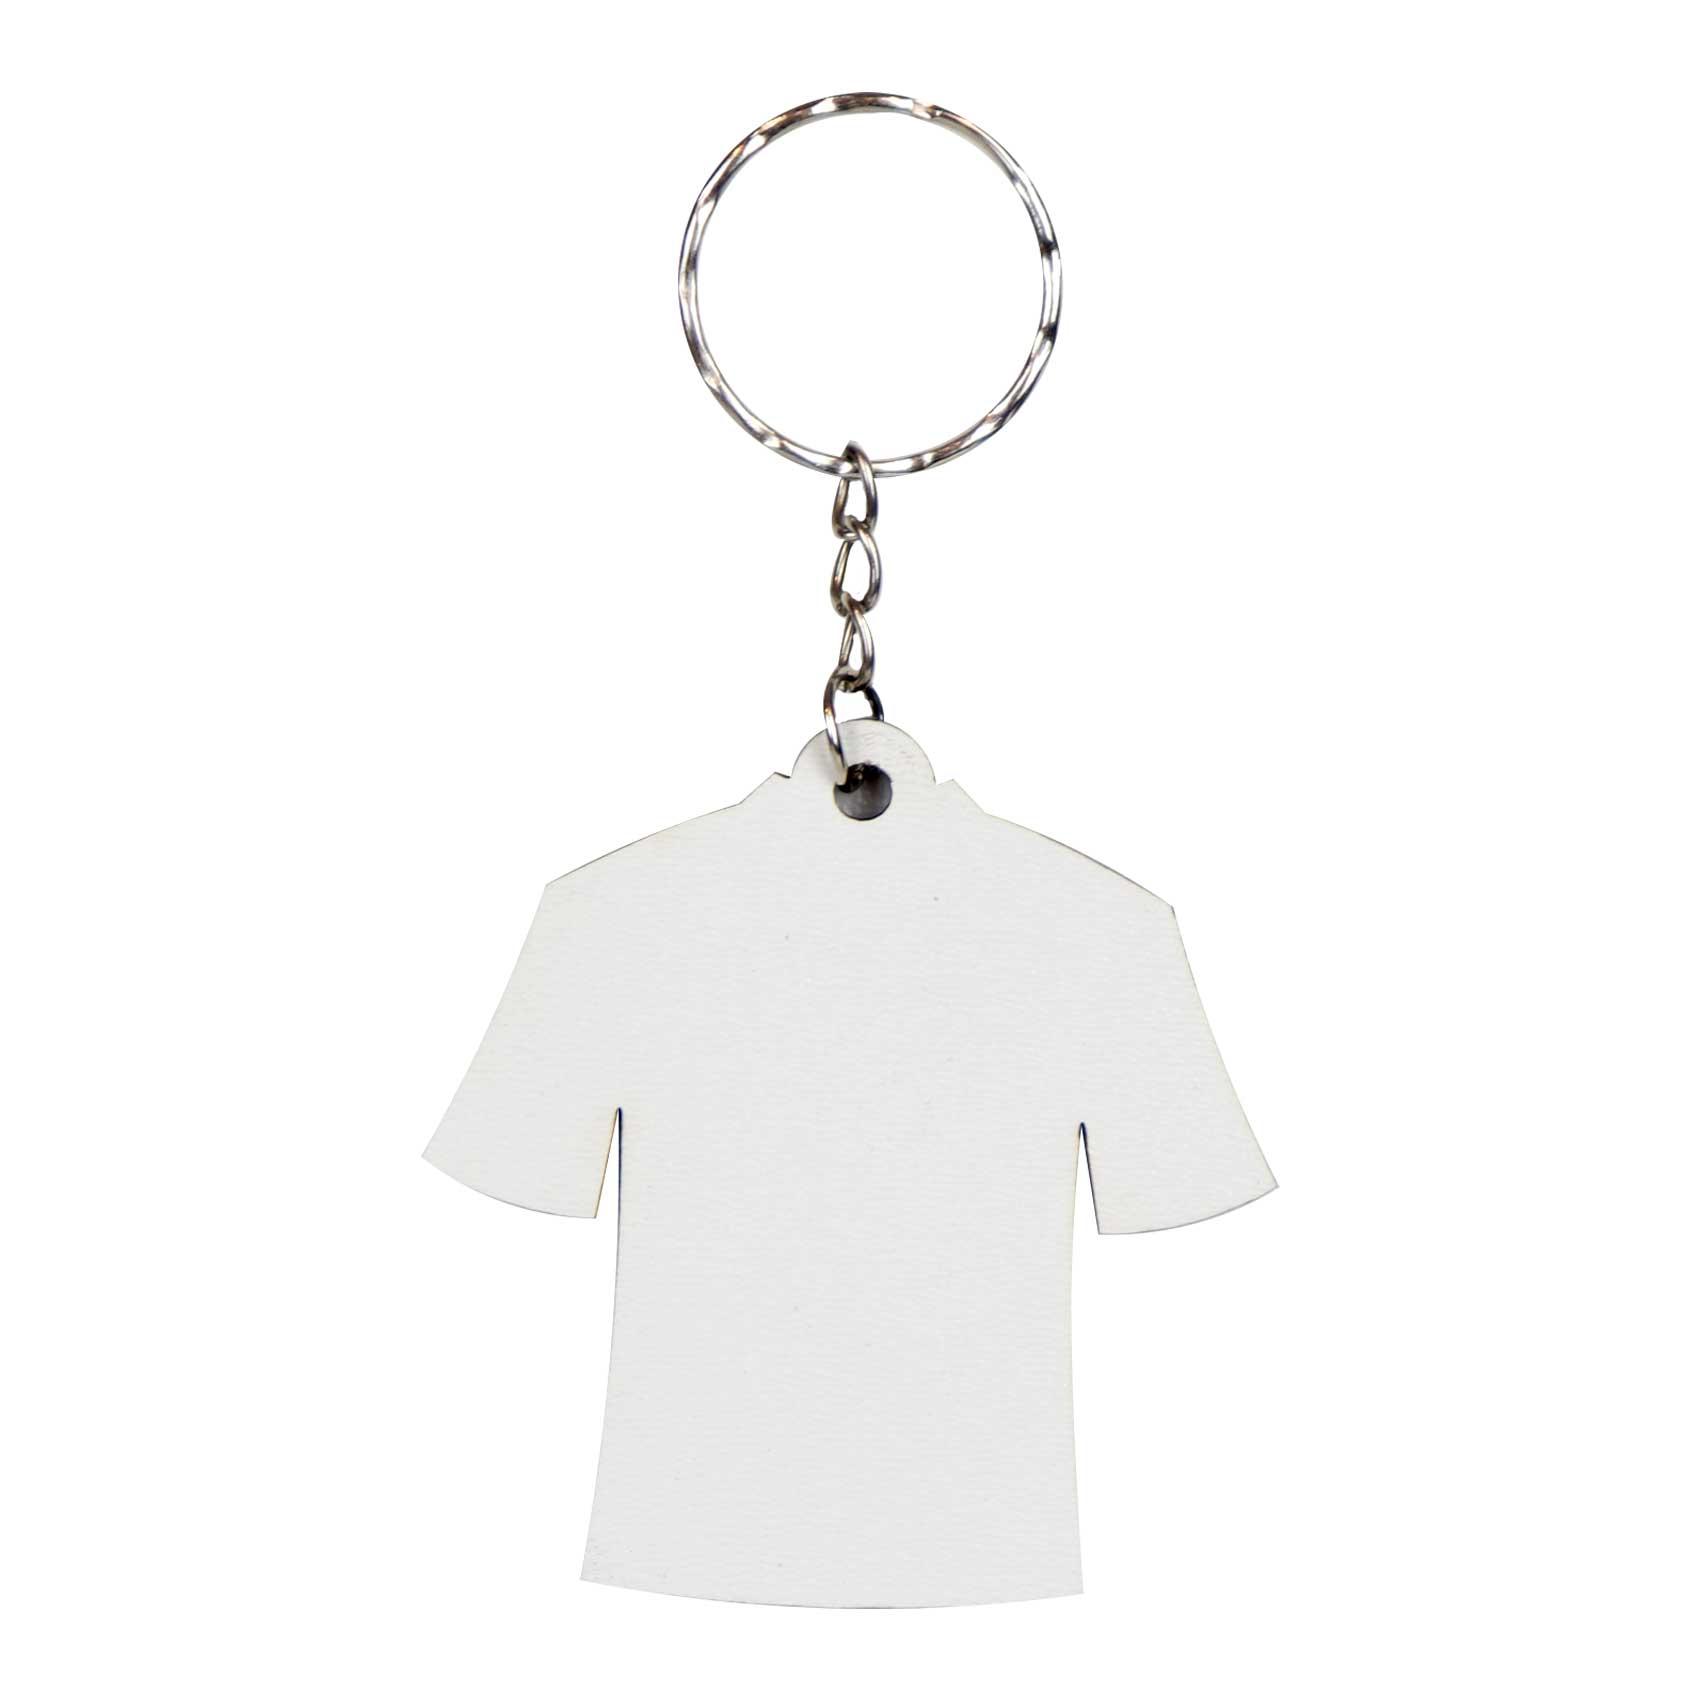 Chaveiro Camiseta MDF -  Pacote C/ 12 Unidades + Argola e corrente